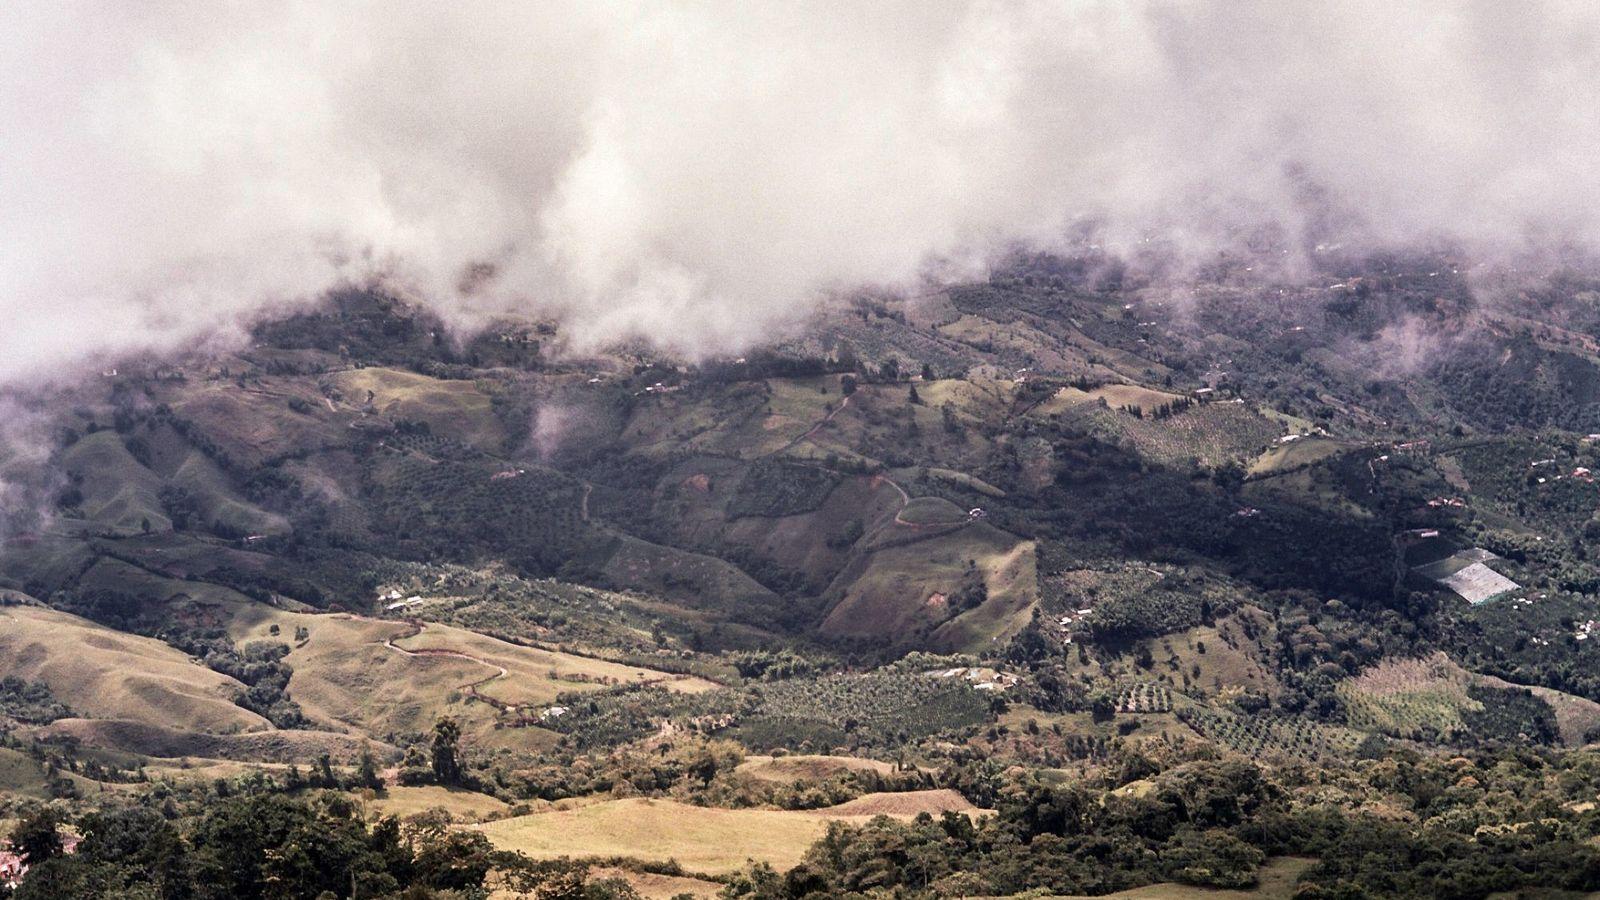 Die üppigen, fruchtbaren Hügel von Caldas liegen in der Kaffeeanbauregion Kolumbiens, die zum UNESCO-Weltkulturerbe zählt. Zu ...